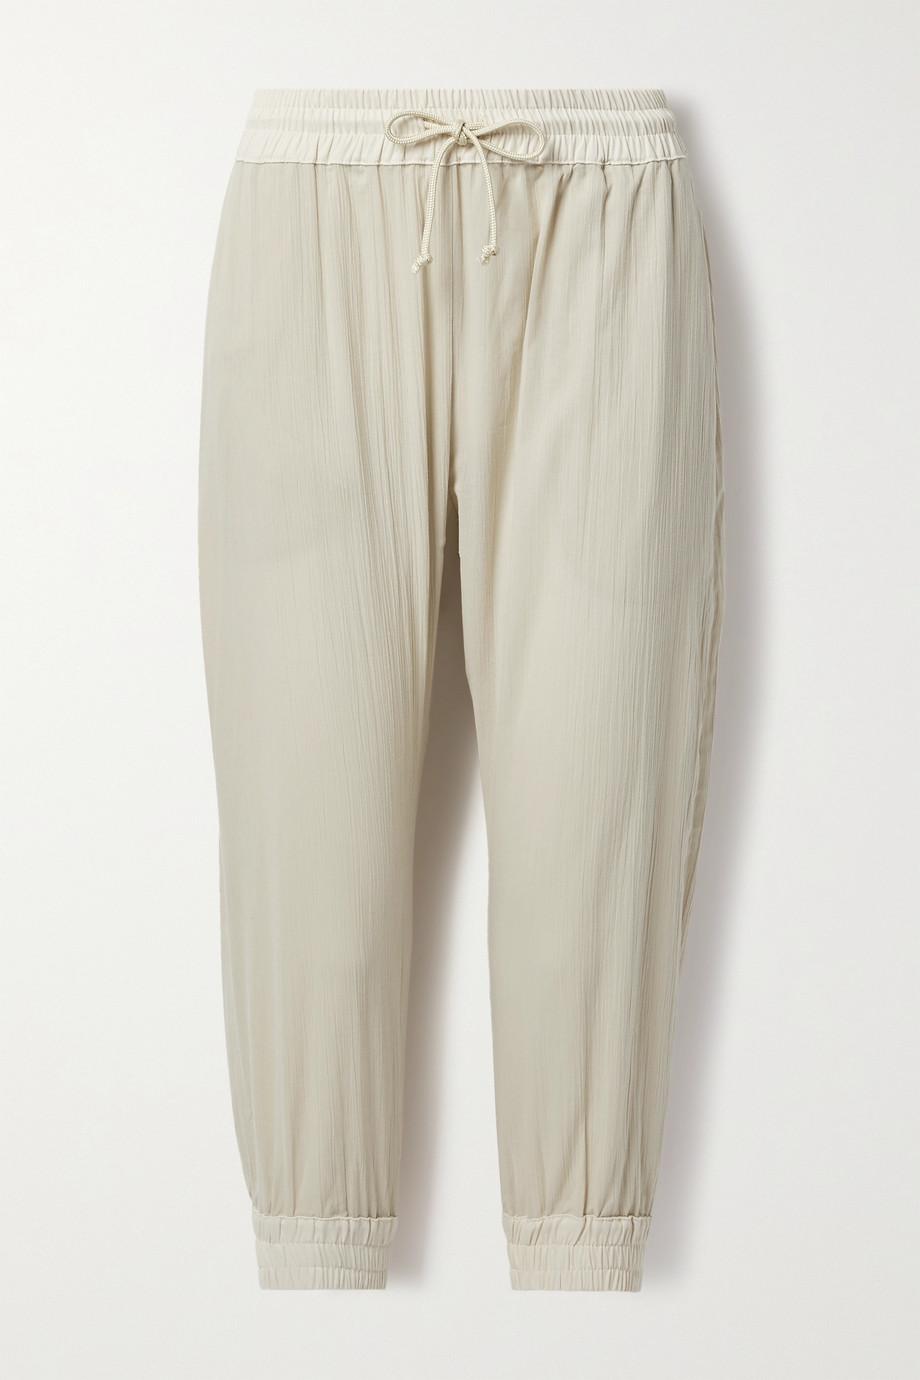 Paradised + NET SUSTAIN crinkled cotton-gauze track pants